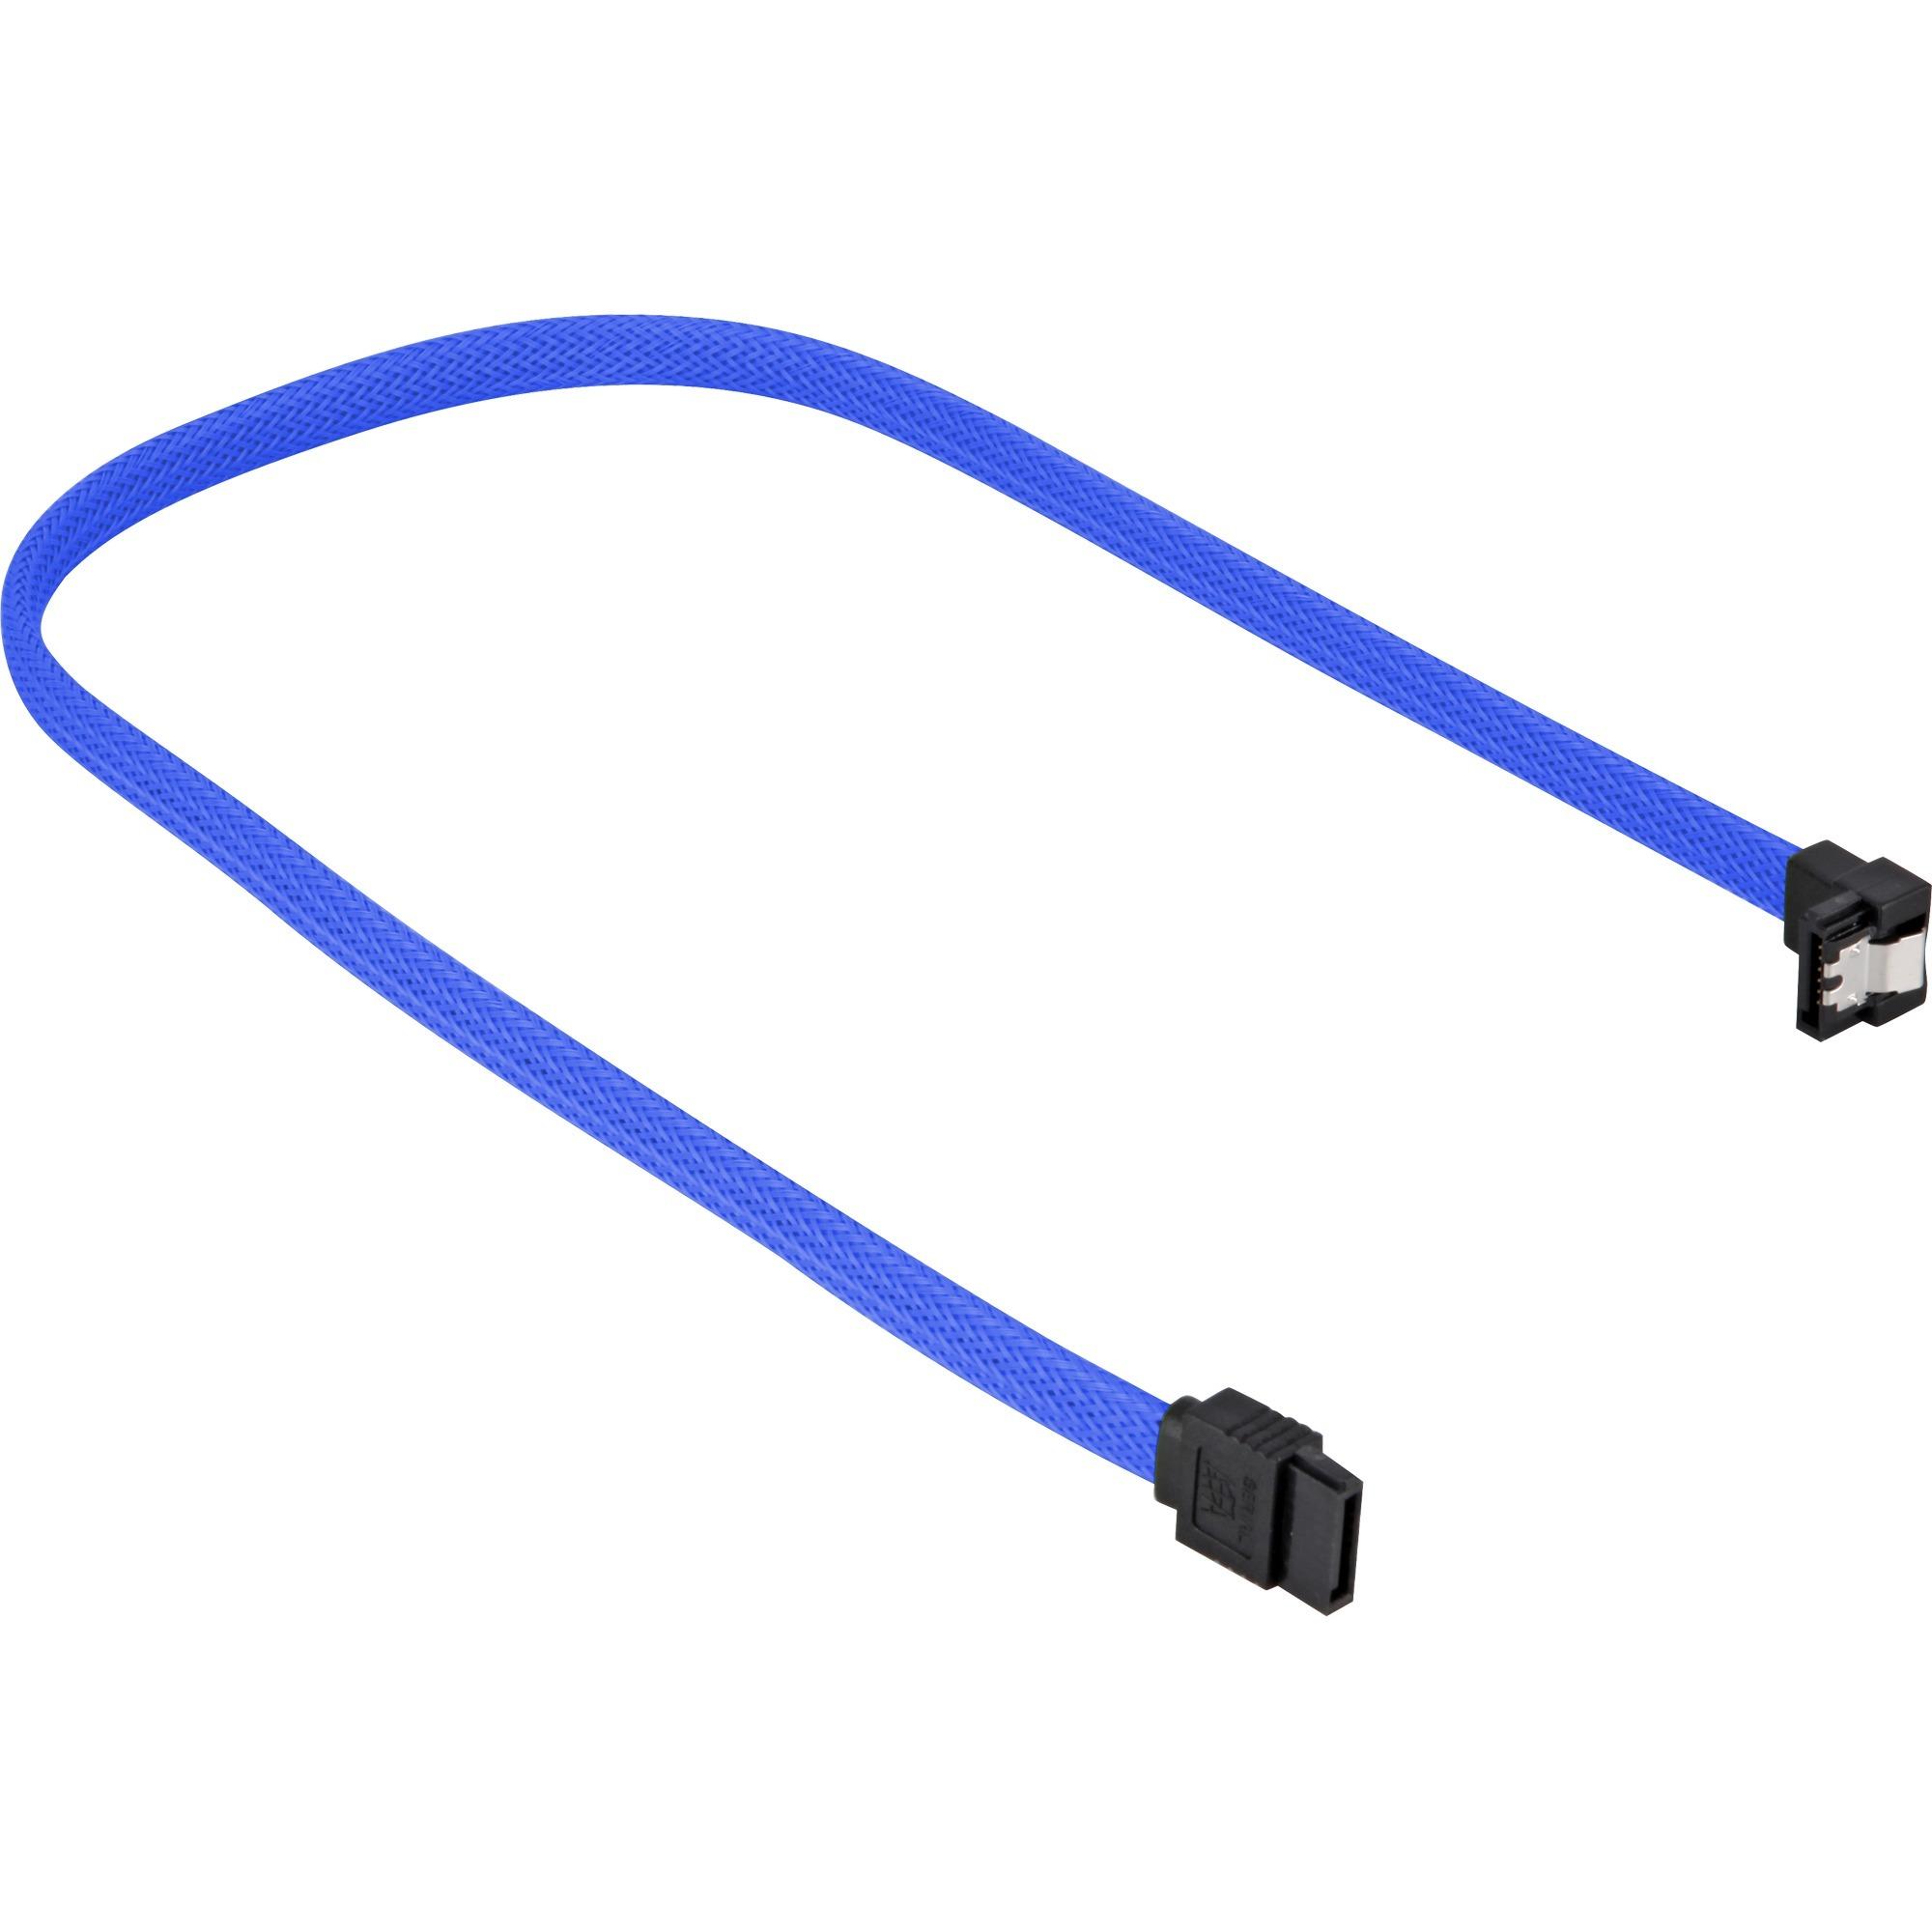 sata-3-045m-sata-iii-7-pin-sata-iii-7-pin-sort-blaa-sata-kabel